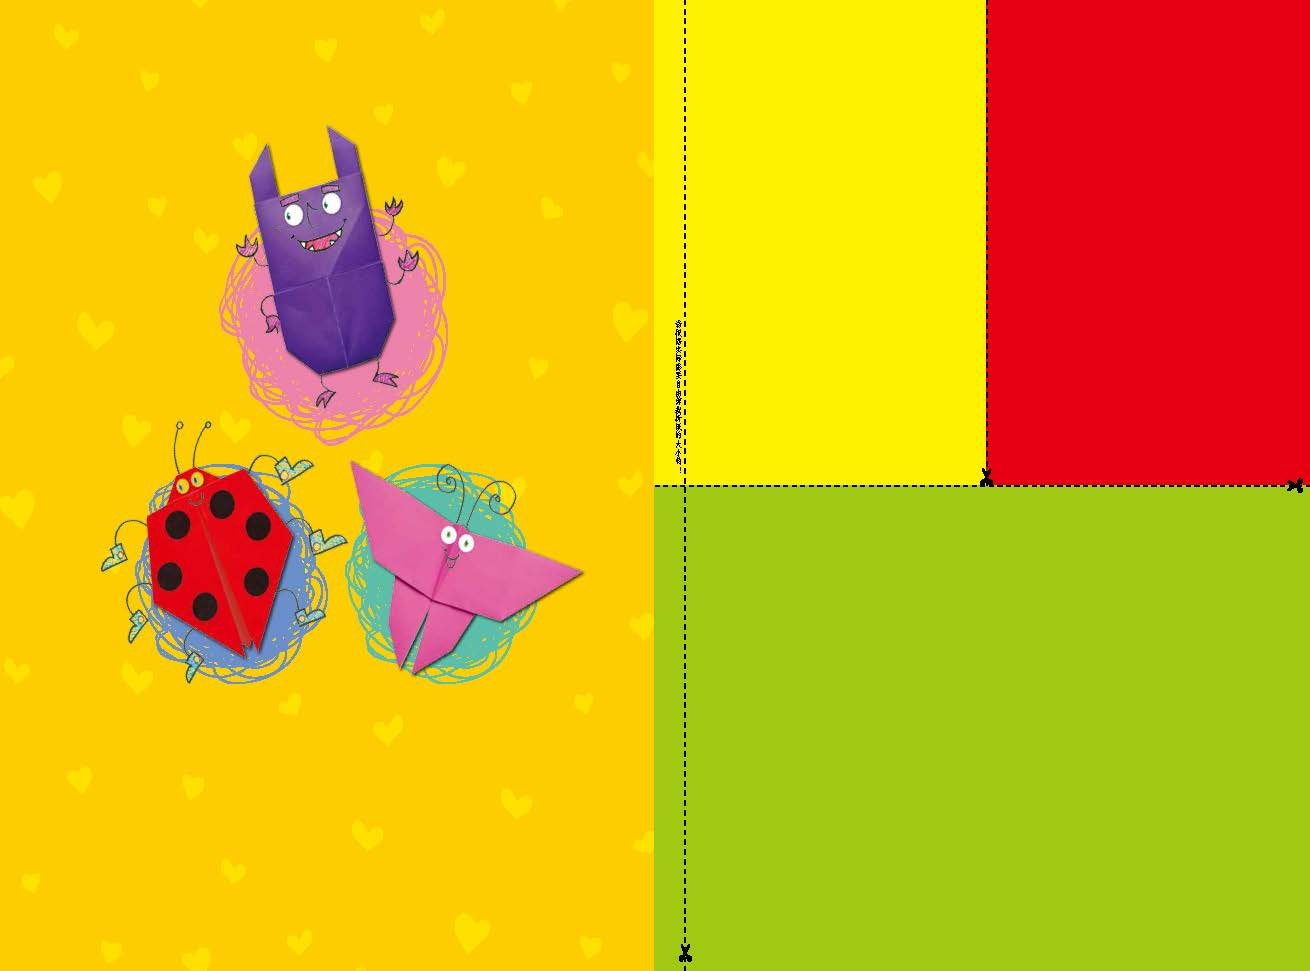 书中折纸形象步骤清晰,文字简单,从而提高孩子的动手能力及辨物能力.